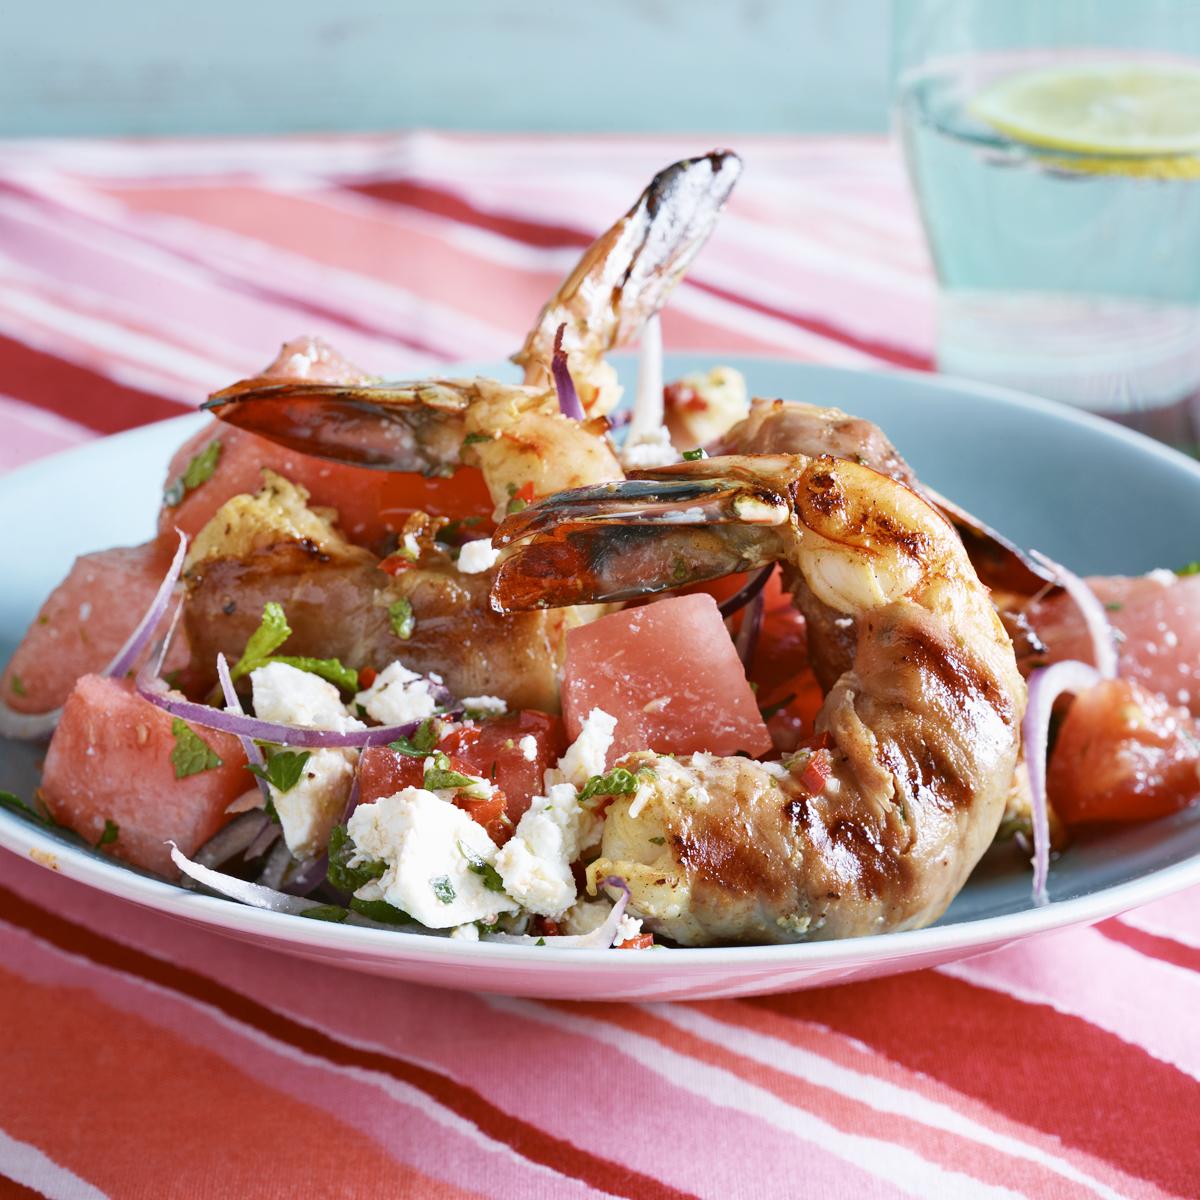 prosciutto-wrapped shrimp with watermelon-tomato salad